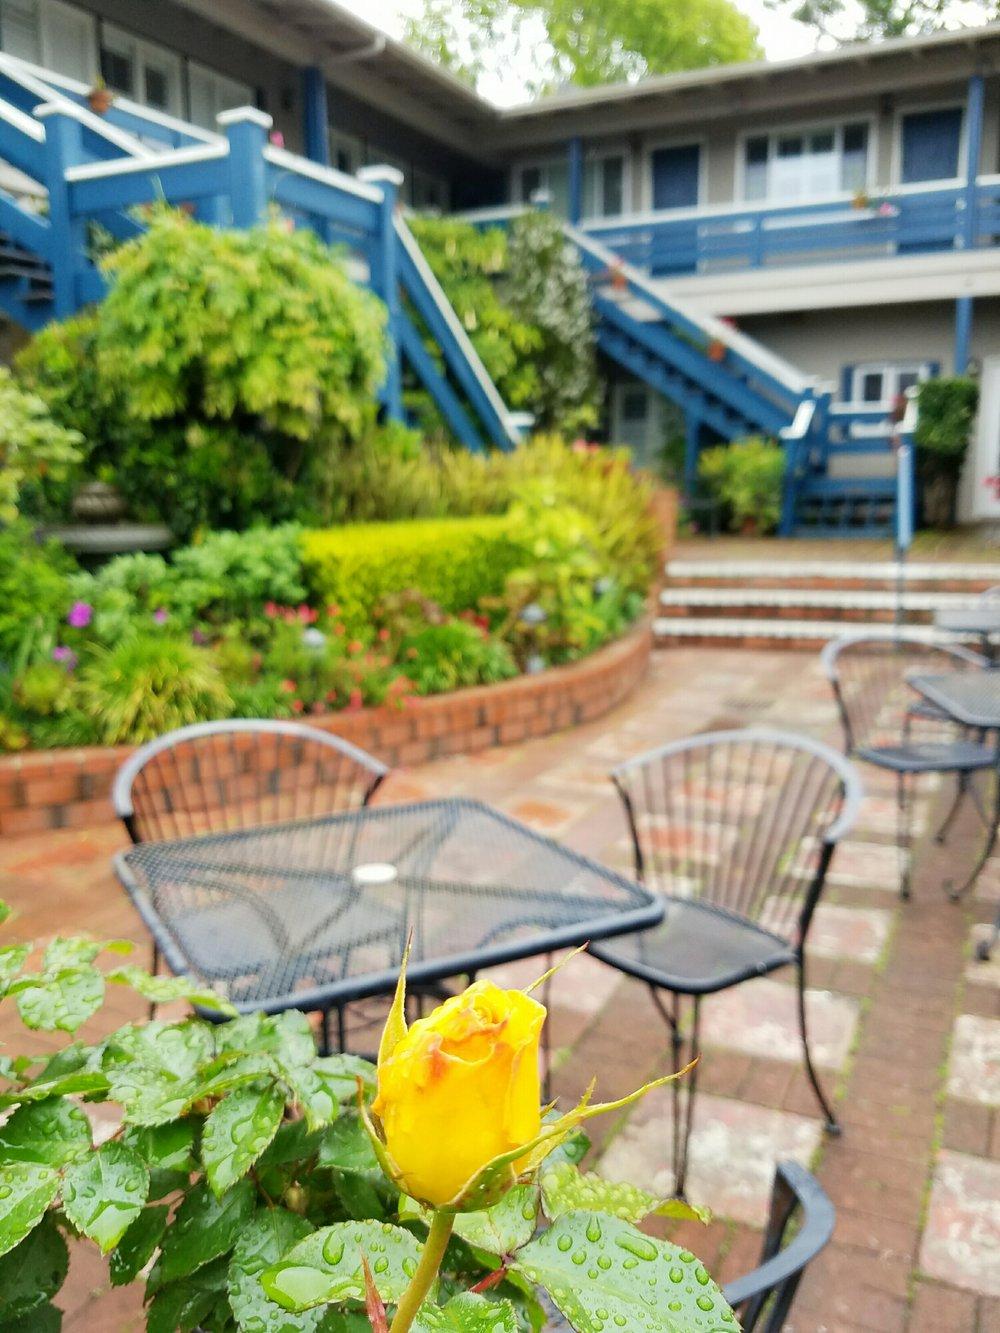 The courtyard garden at the Carmel Wayfarer Inn.